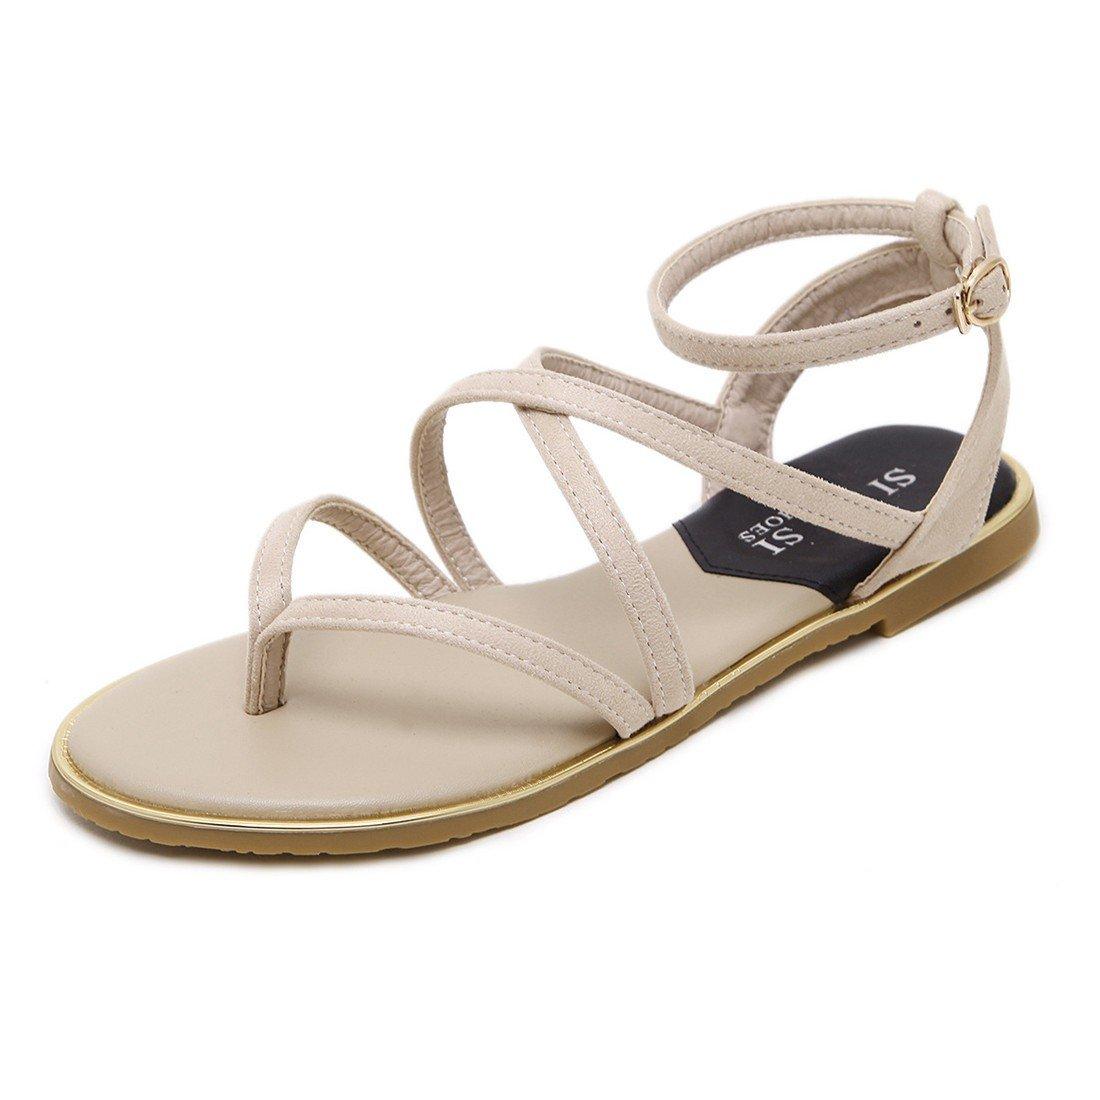 8f9e78fb Buena RFF-Zapatos de primavera, verano y otoño Sandalias de mujer versión  coreana de